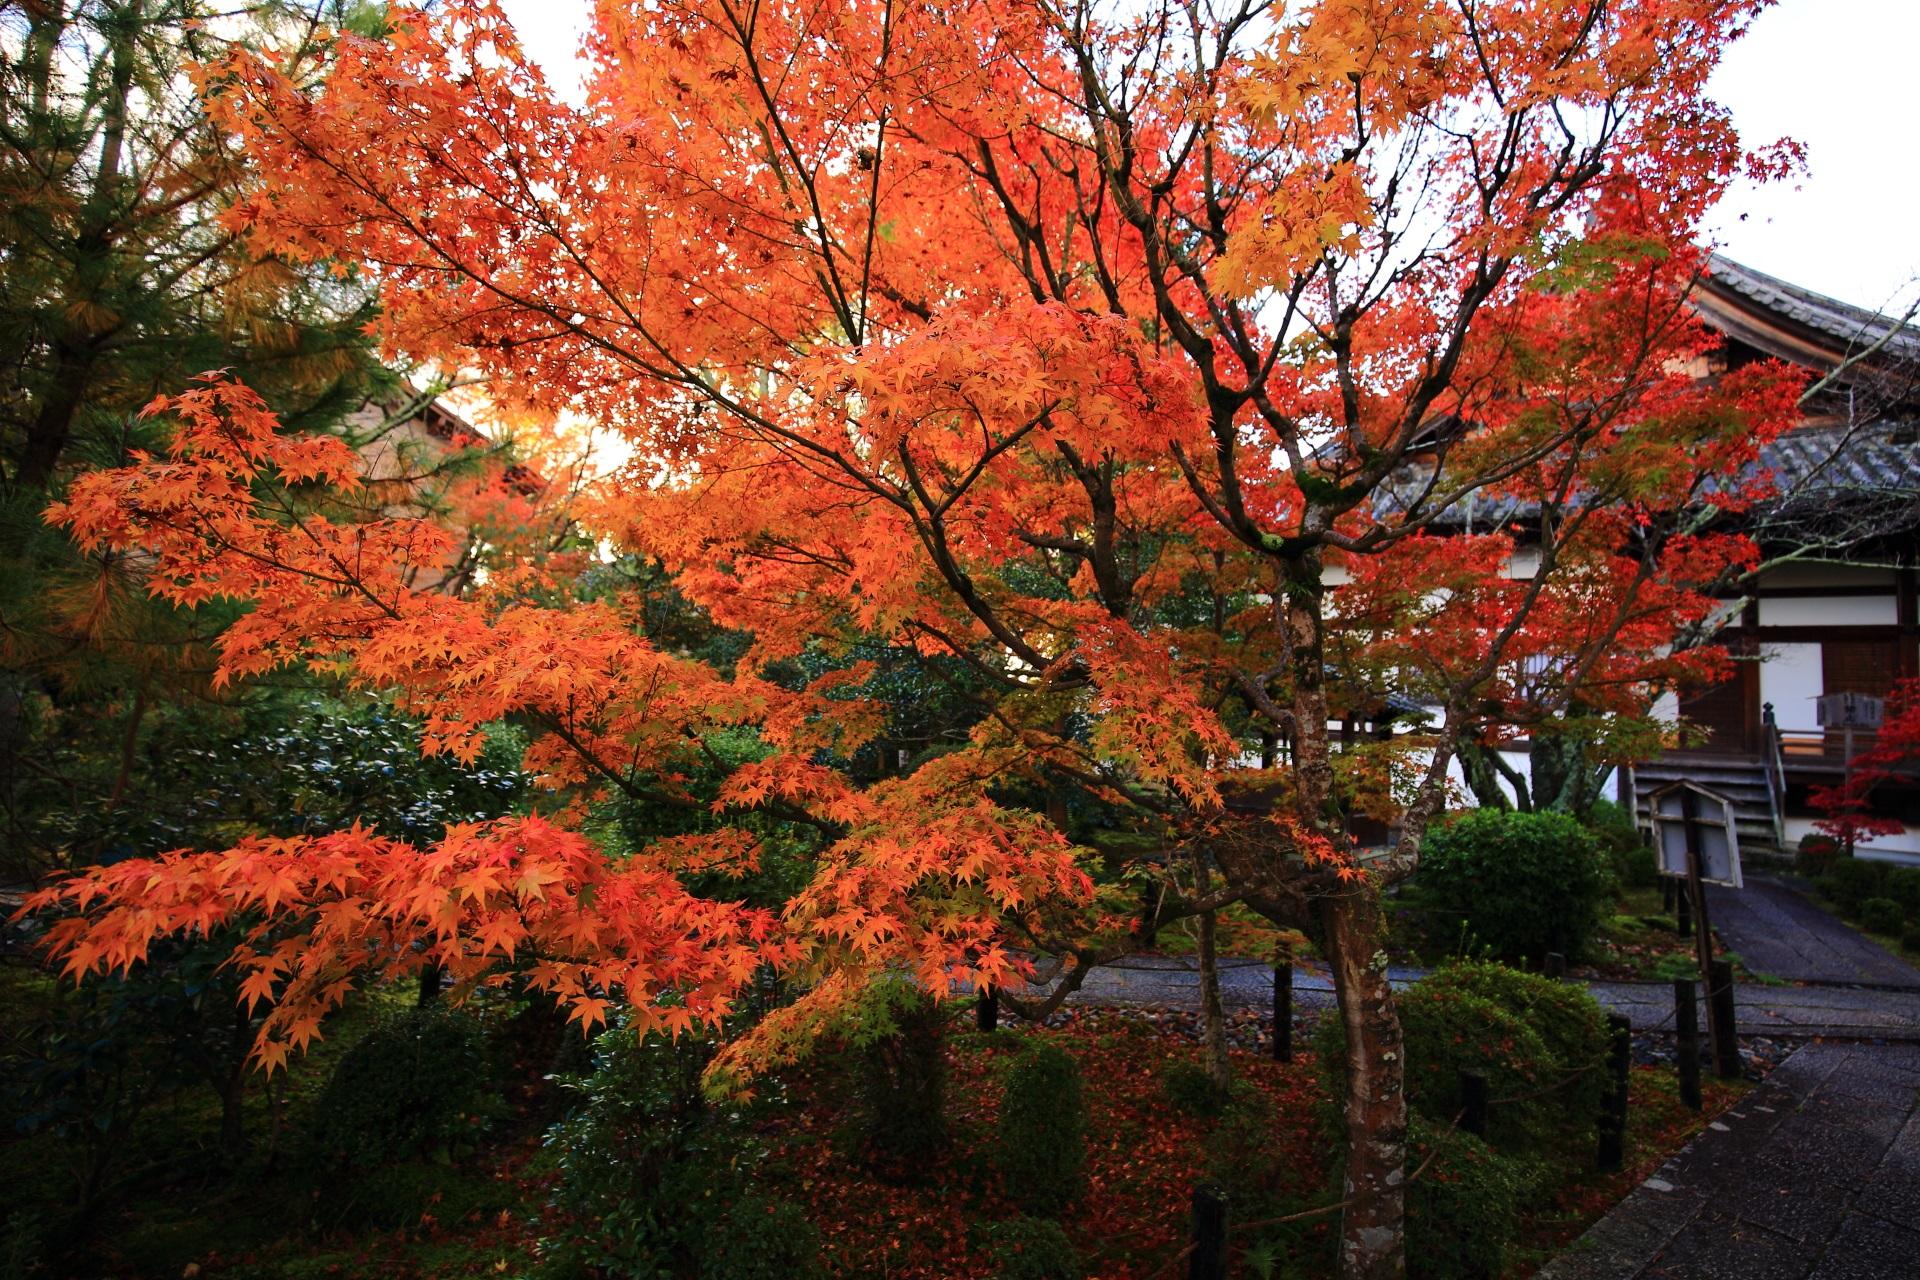 清涼寺の阿弥陀堂の鮮やかに色づく紅葉